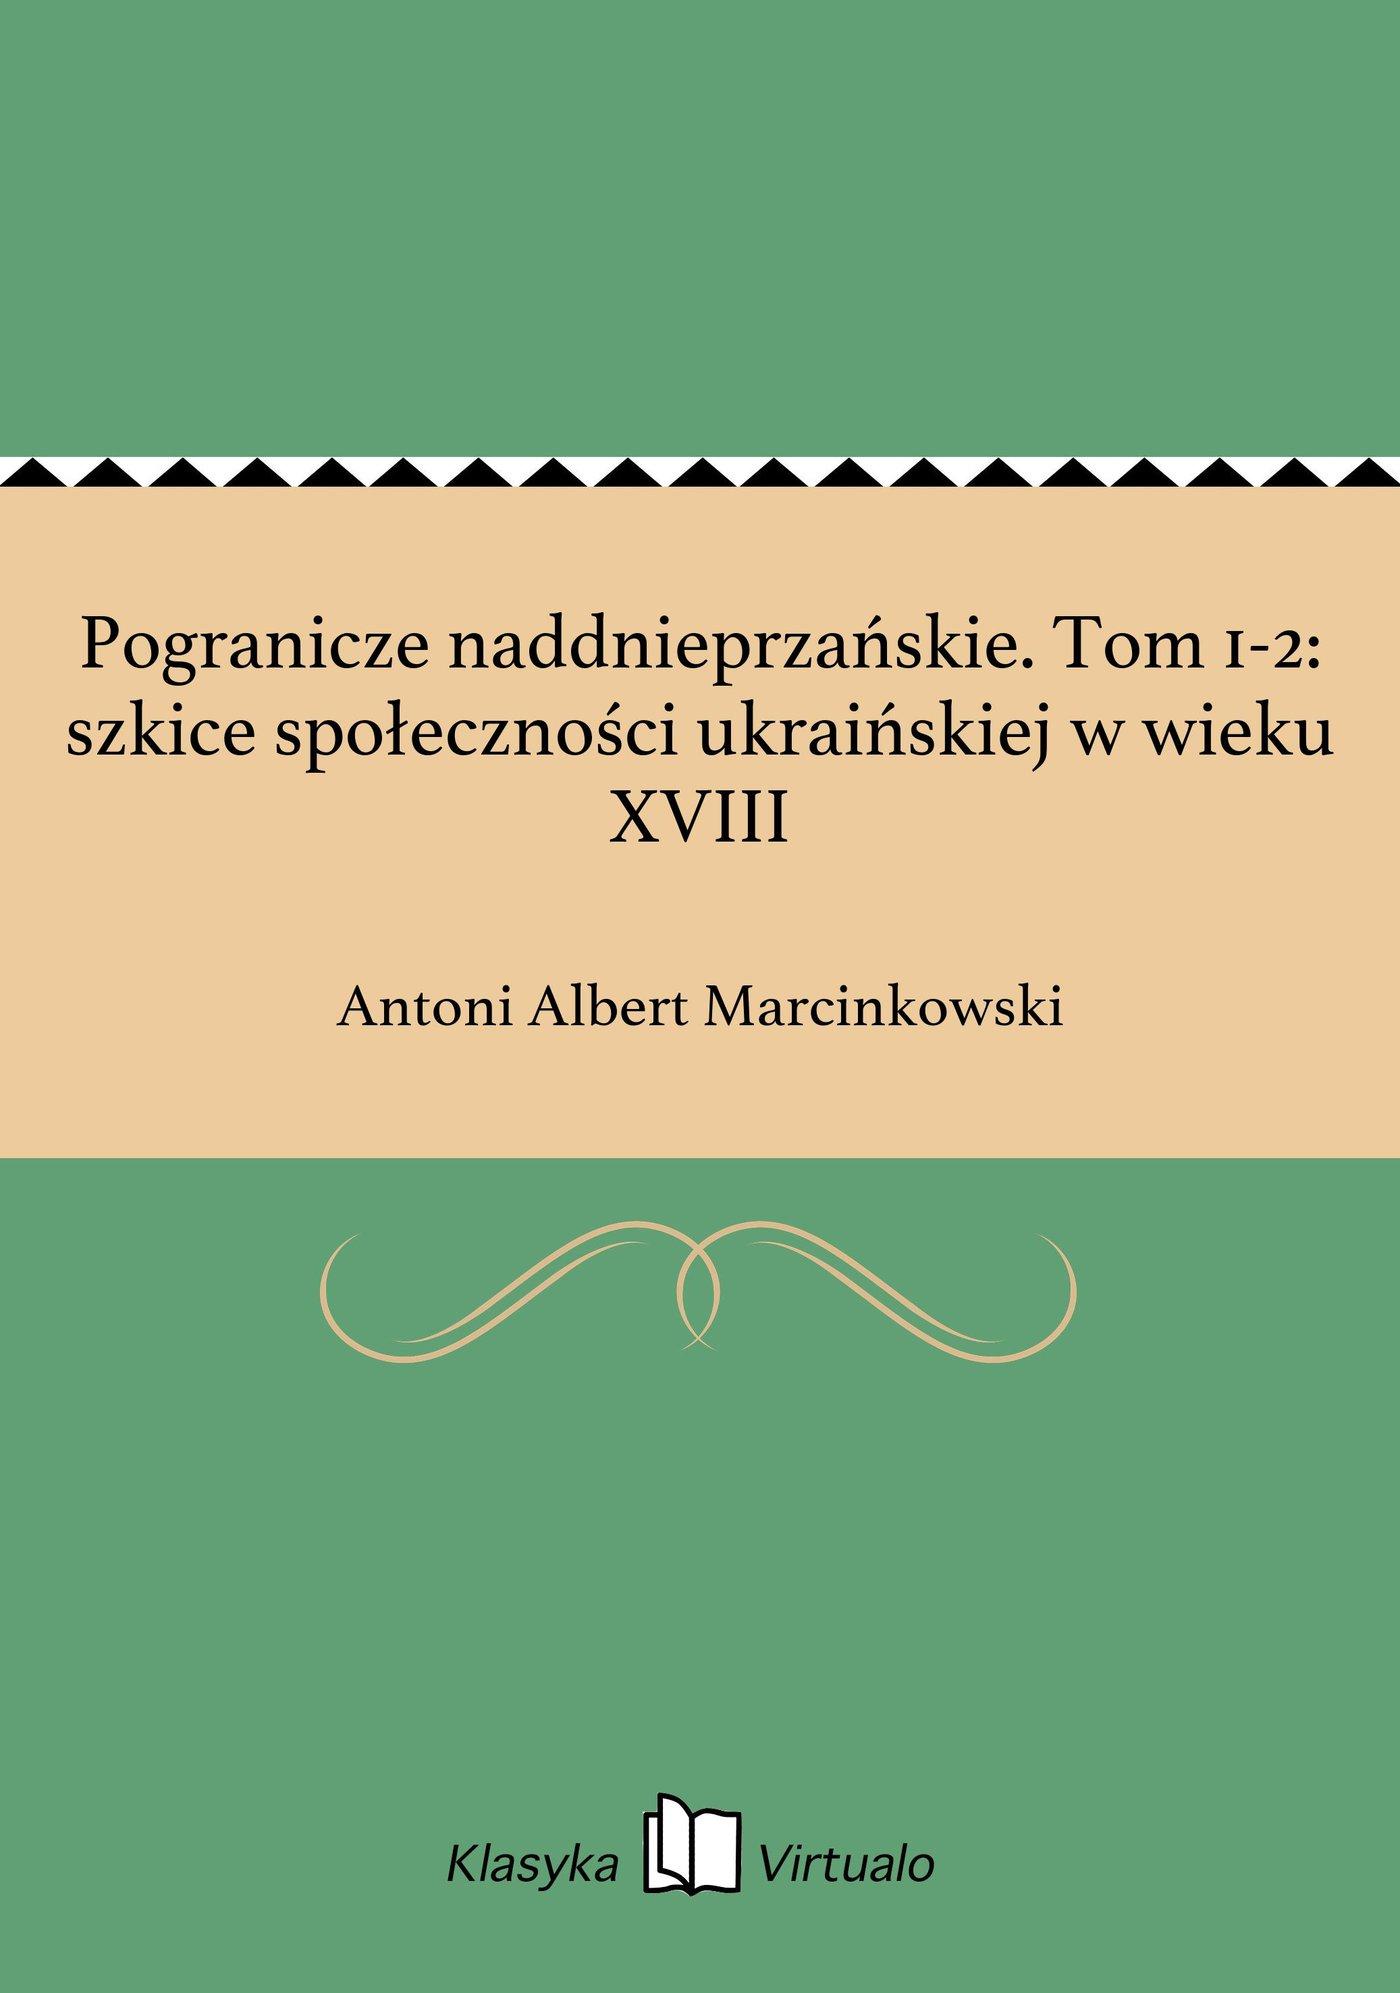 Pogranicze naddnieprzańskie. Tom 1-2: szkice społeczności ukraińskiej w wieku XVIII - Ebook (Książka EPUB) do pobrania w formacie EPUB